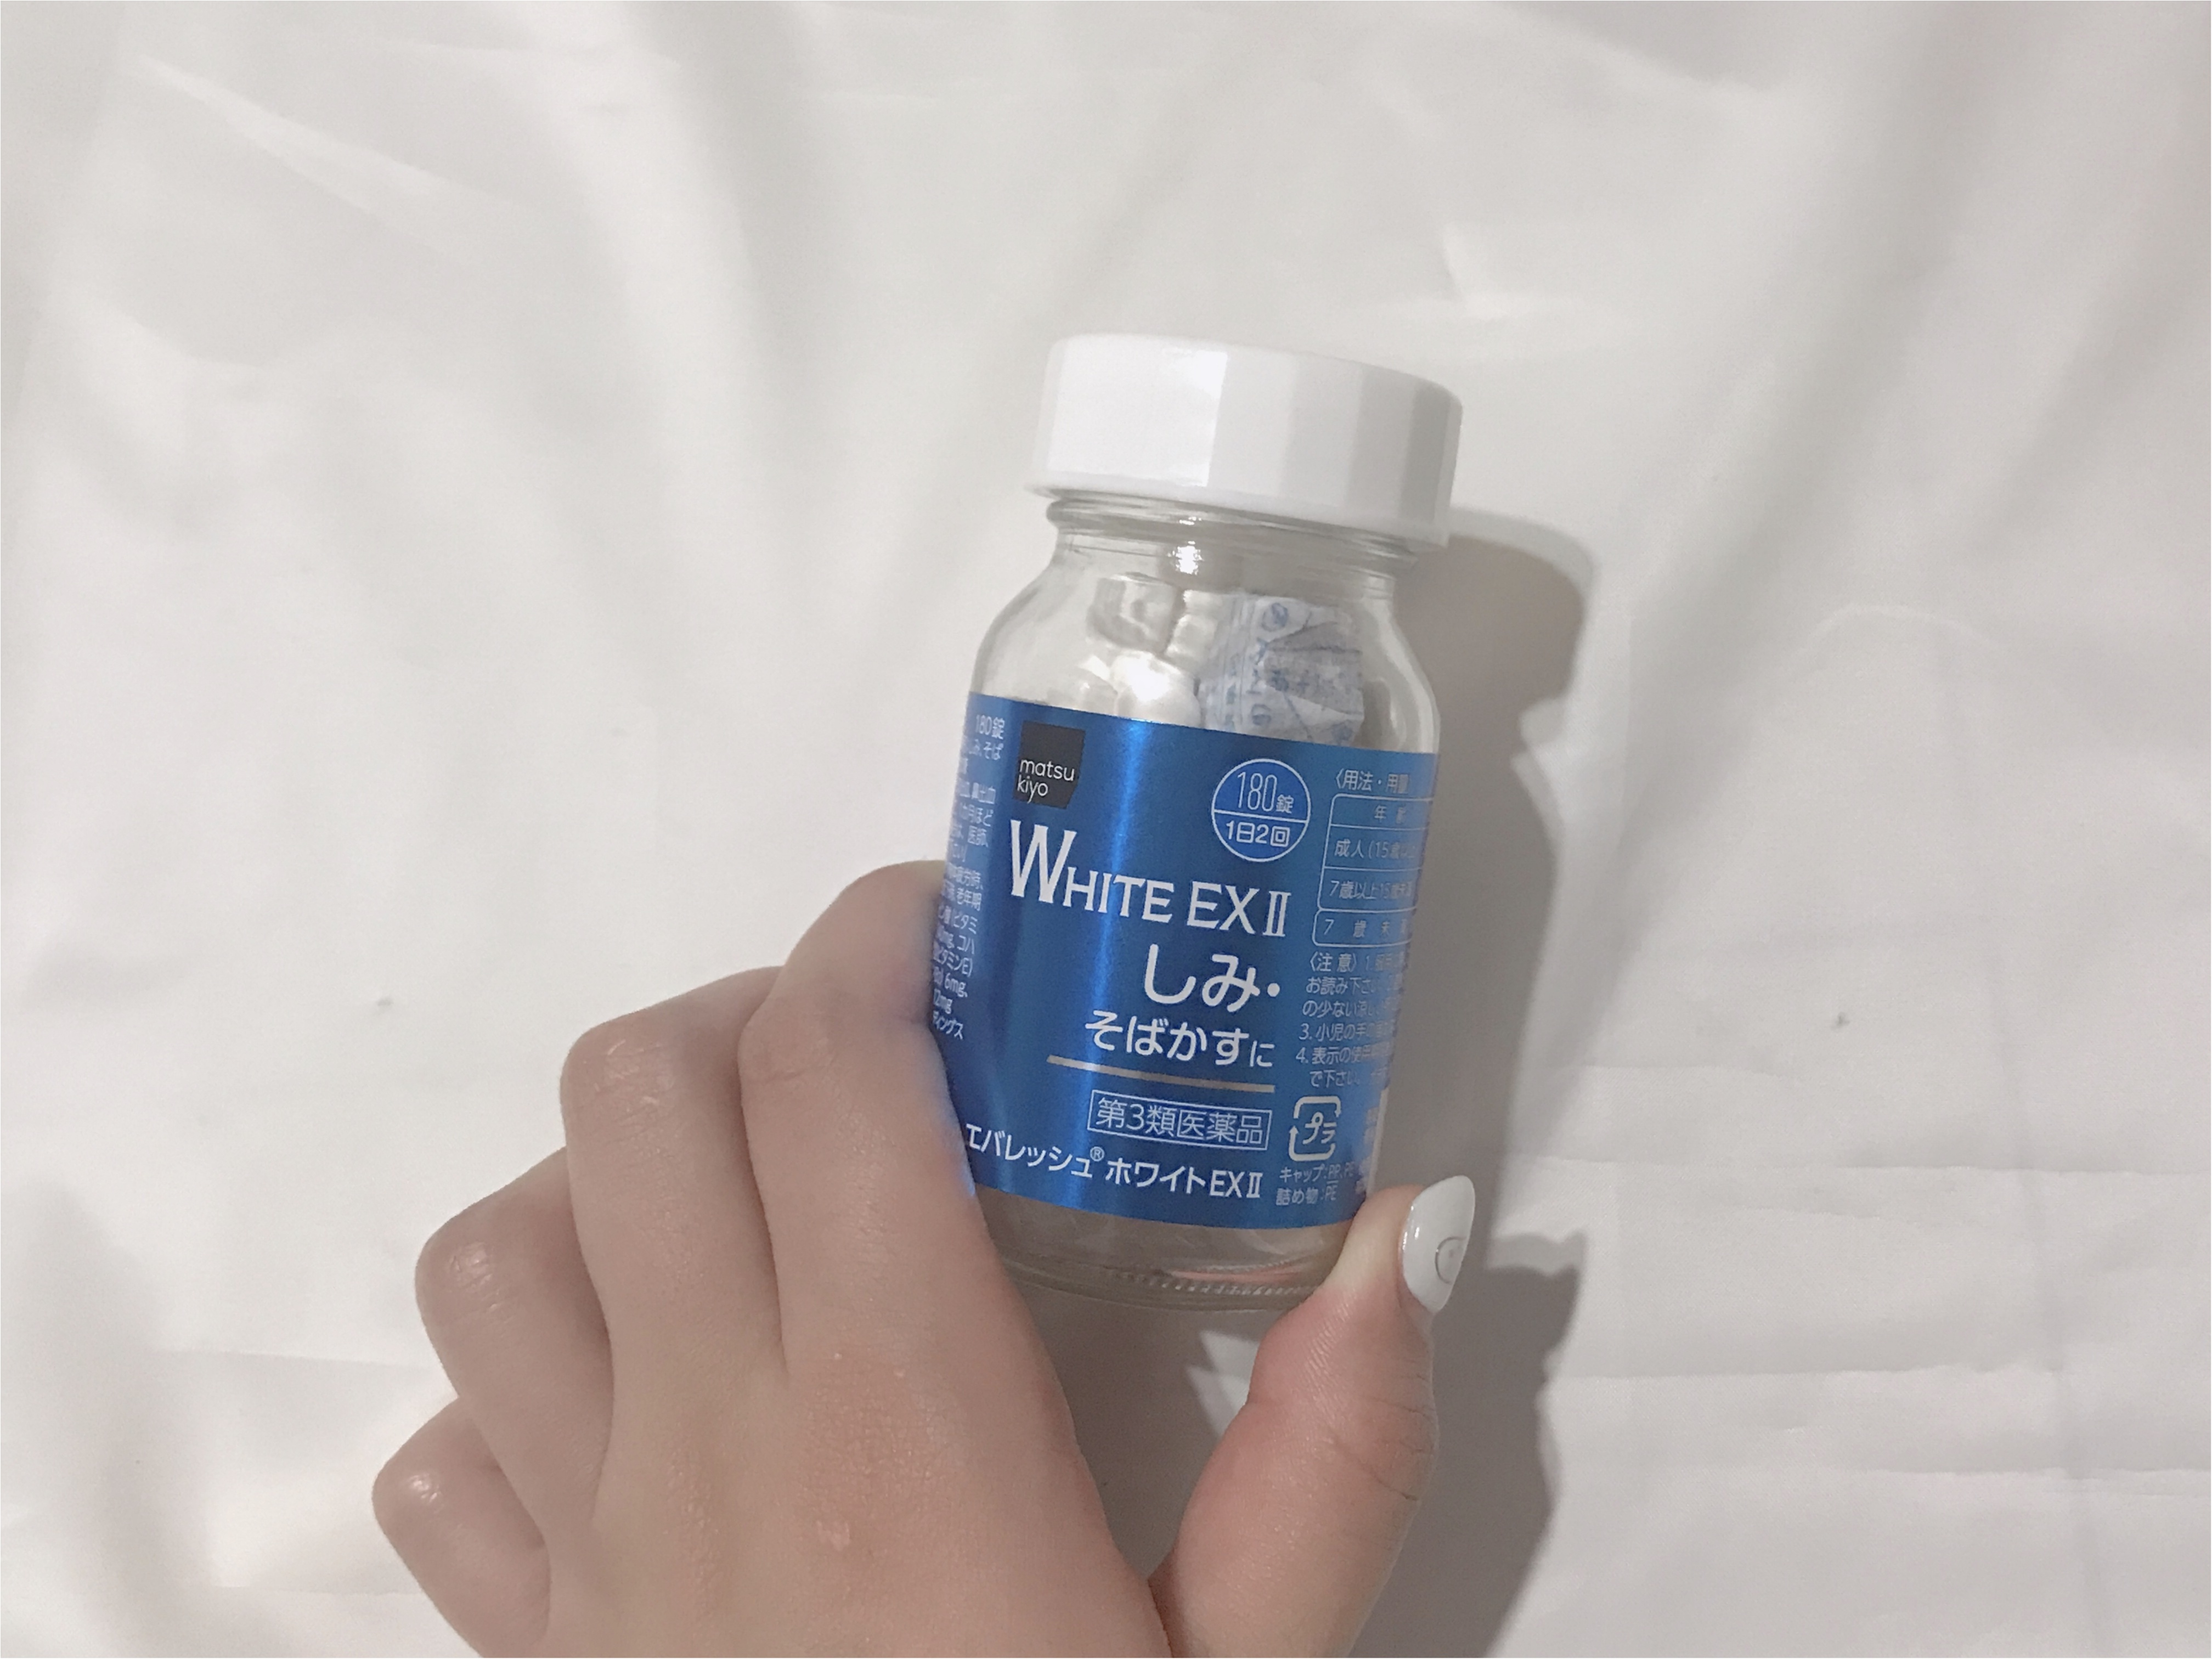 美白化粧品特集 - シミやくすみ対策・肌の透明感アップが期待できるコスメは?_48